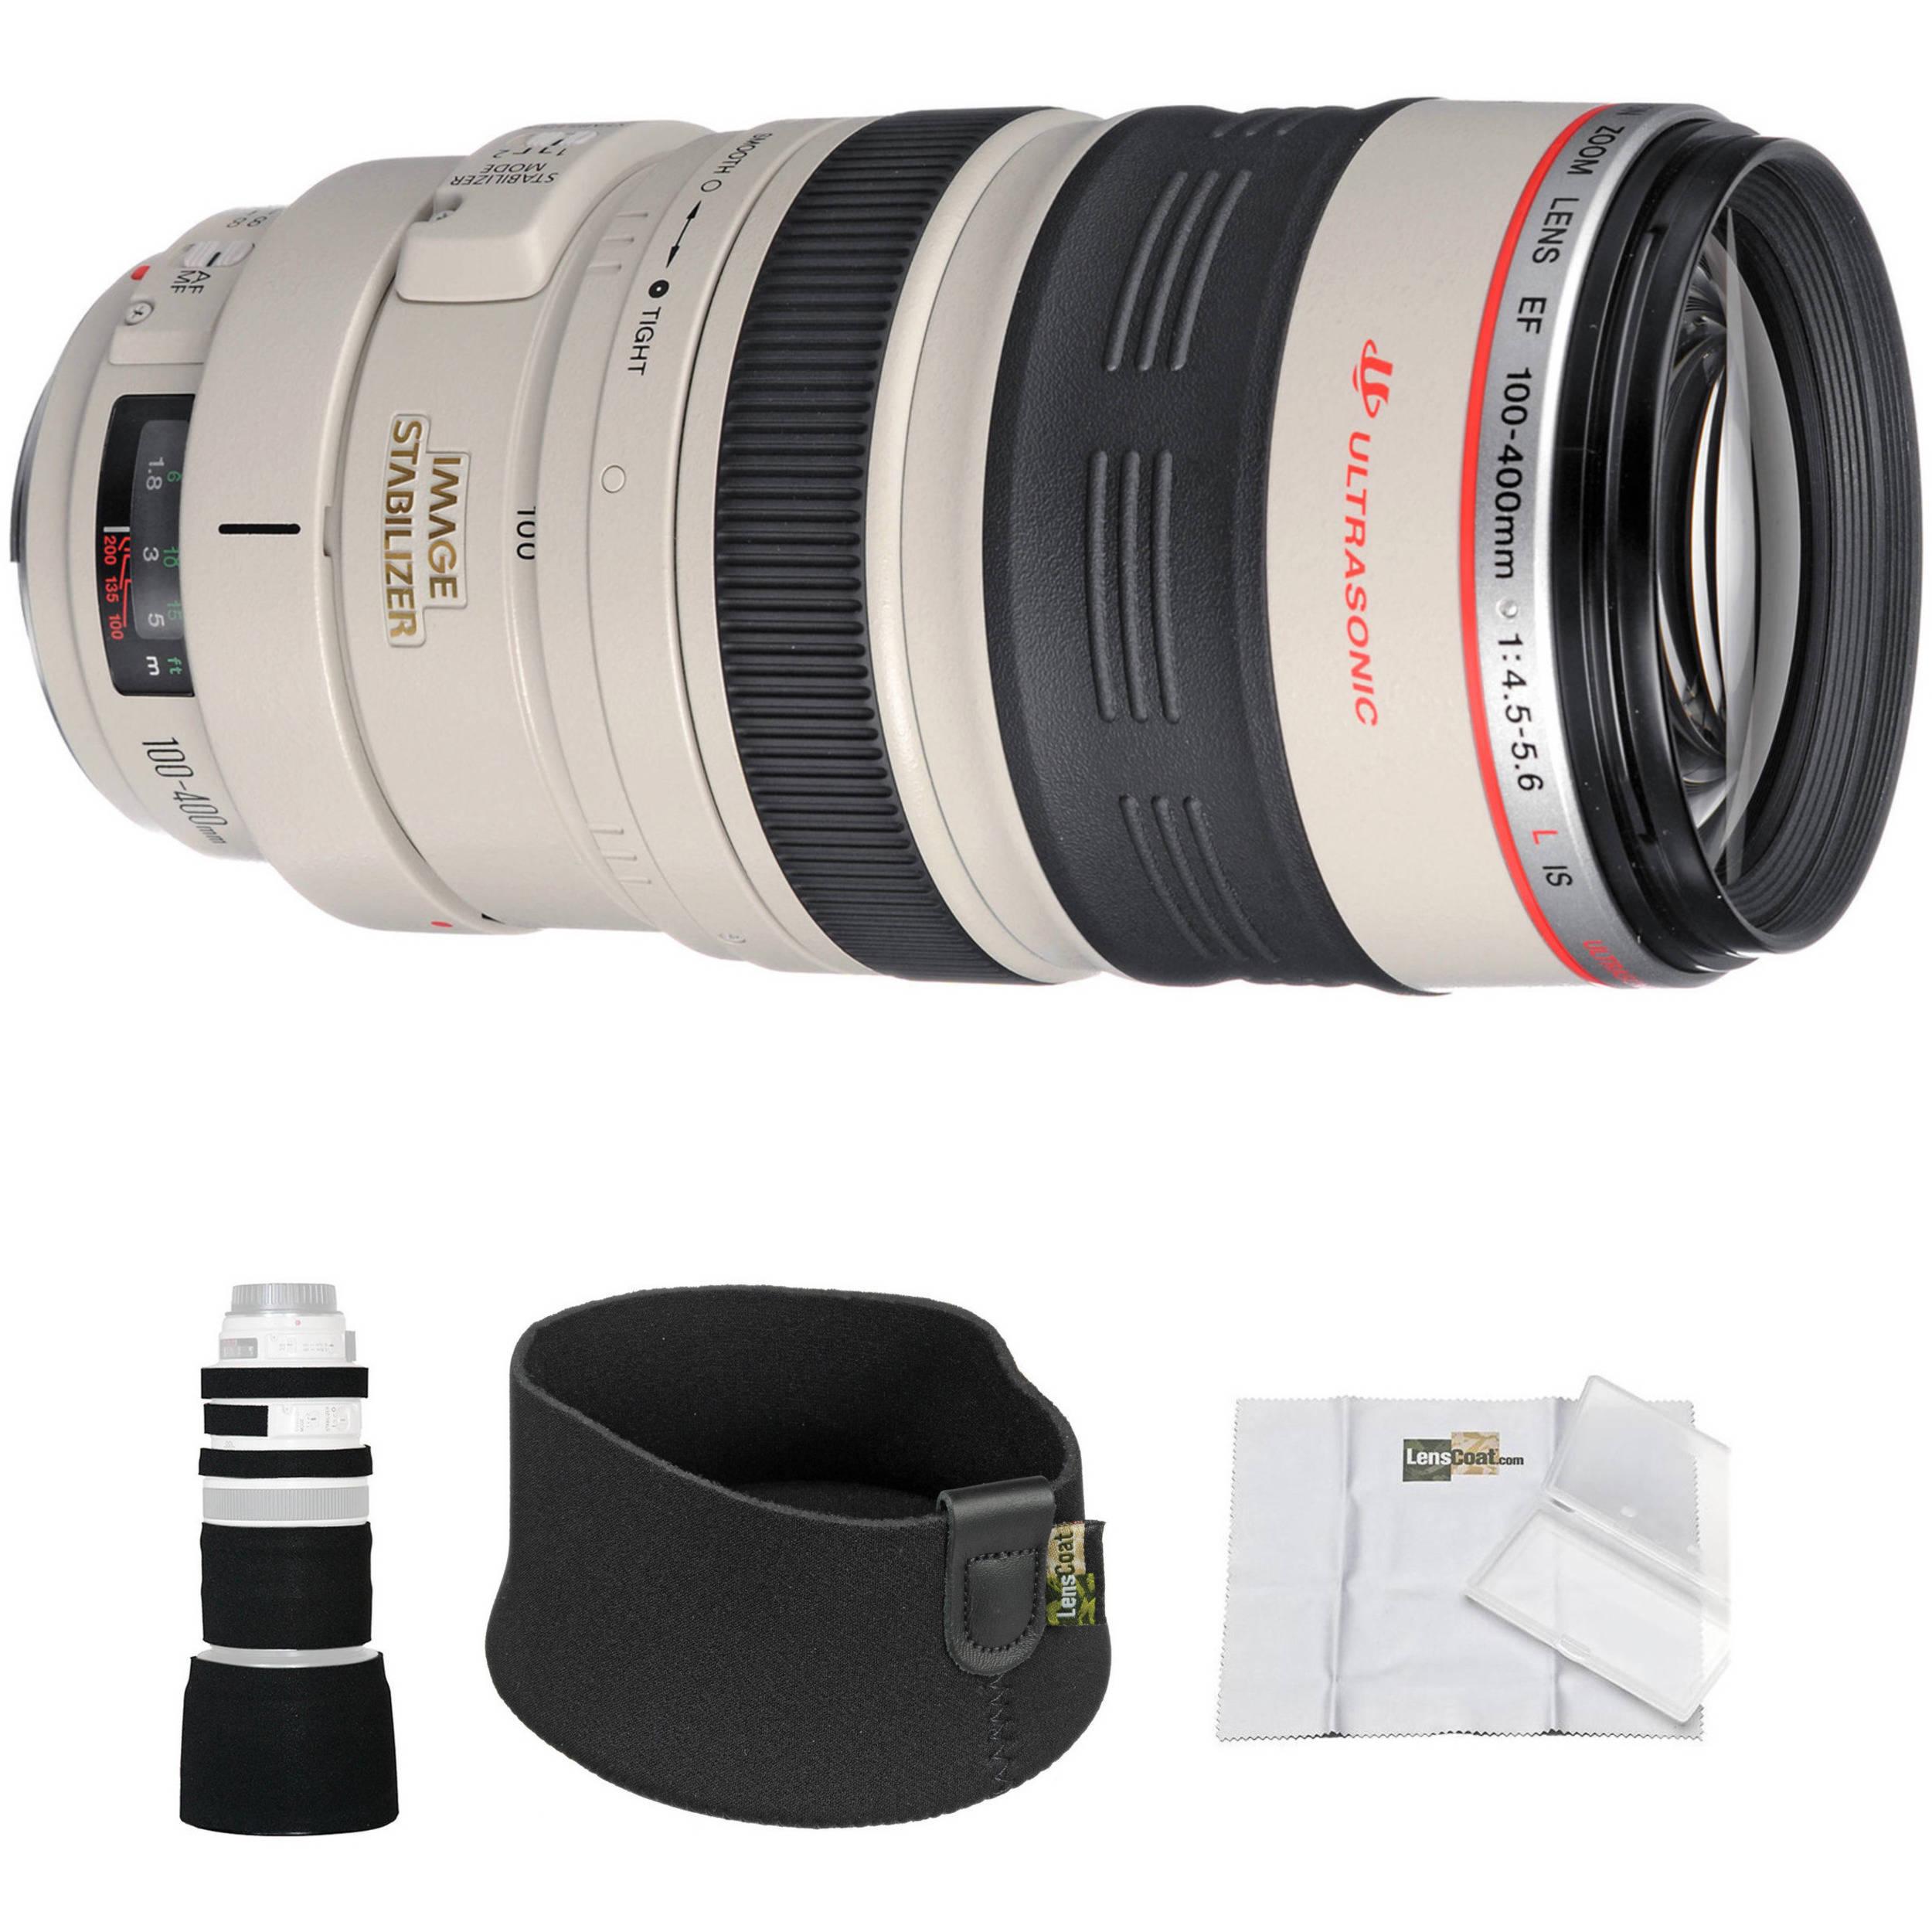 canon 100 400mm f 4 5 5 6l is ef usm lens with black lenscoat. Black Bedroom Furniture Sets. Home Design Ideas